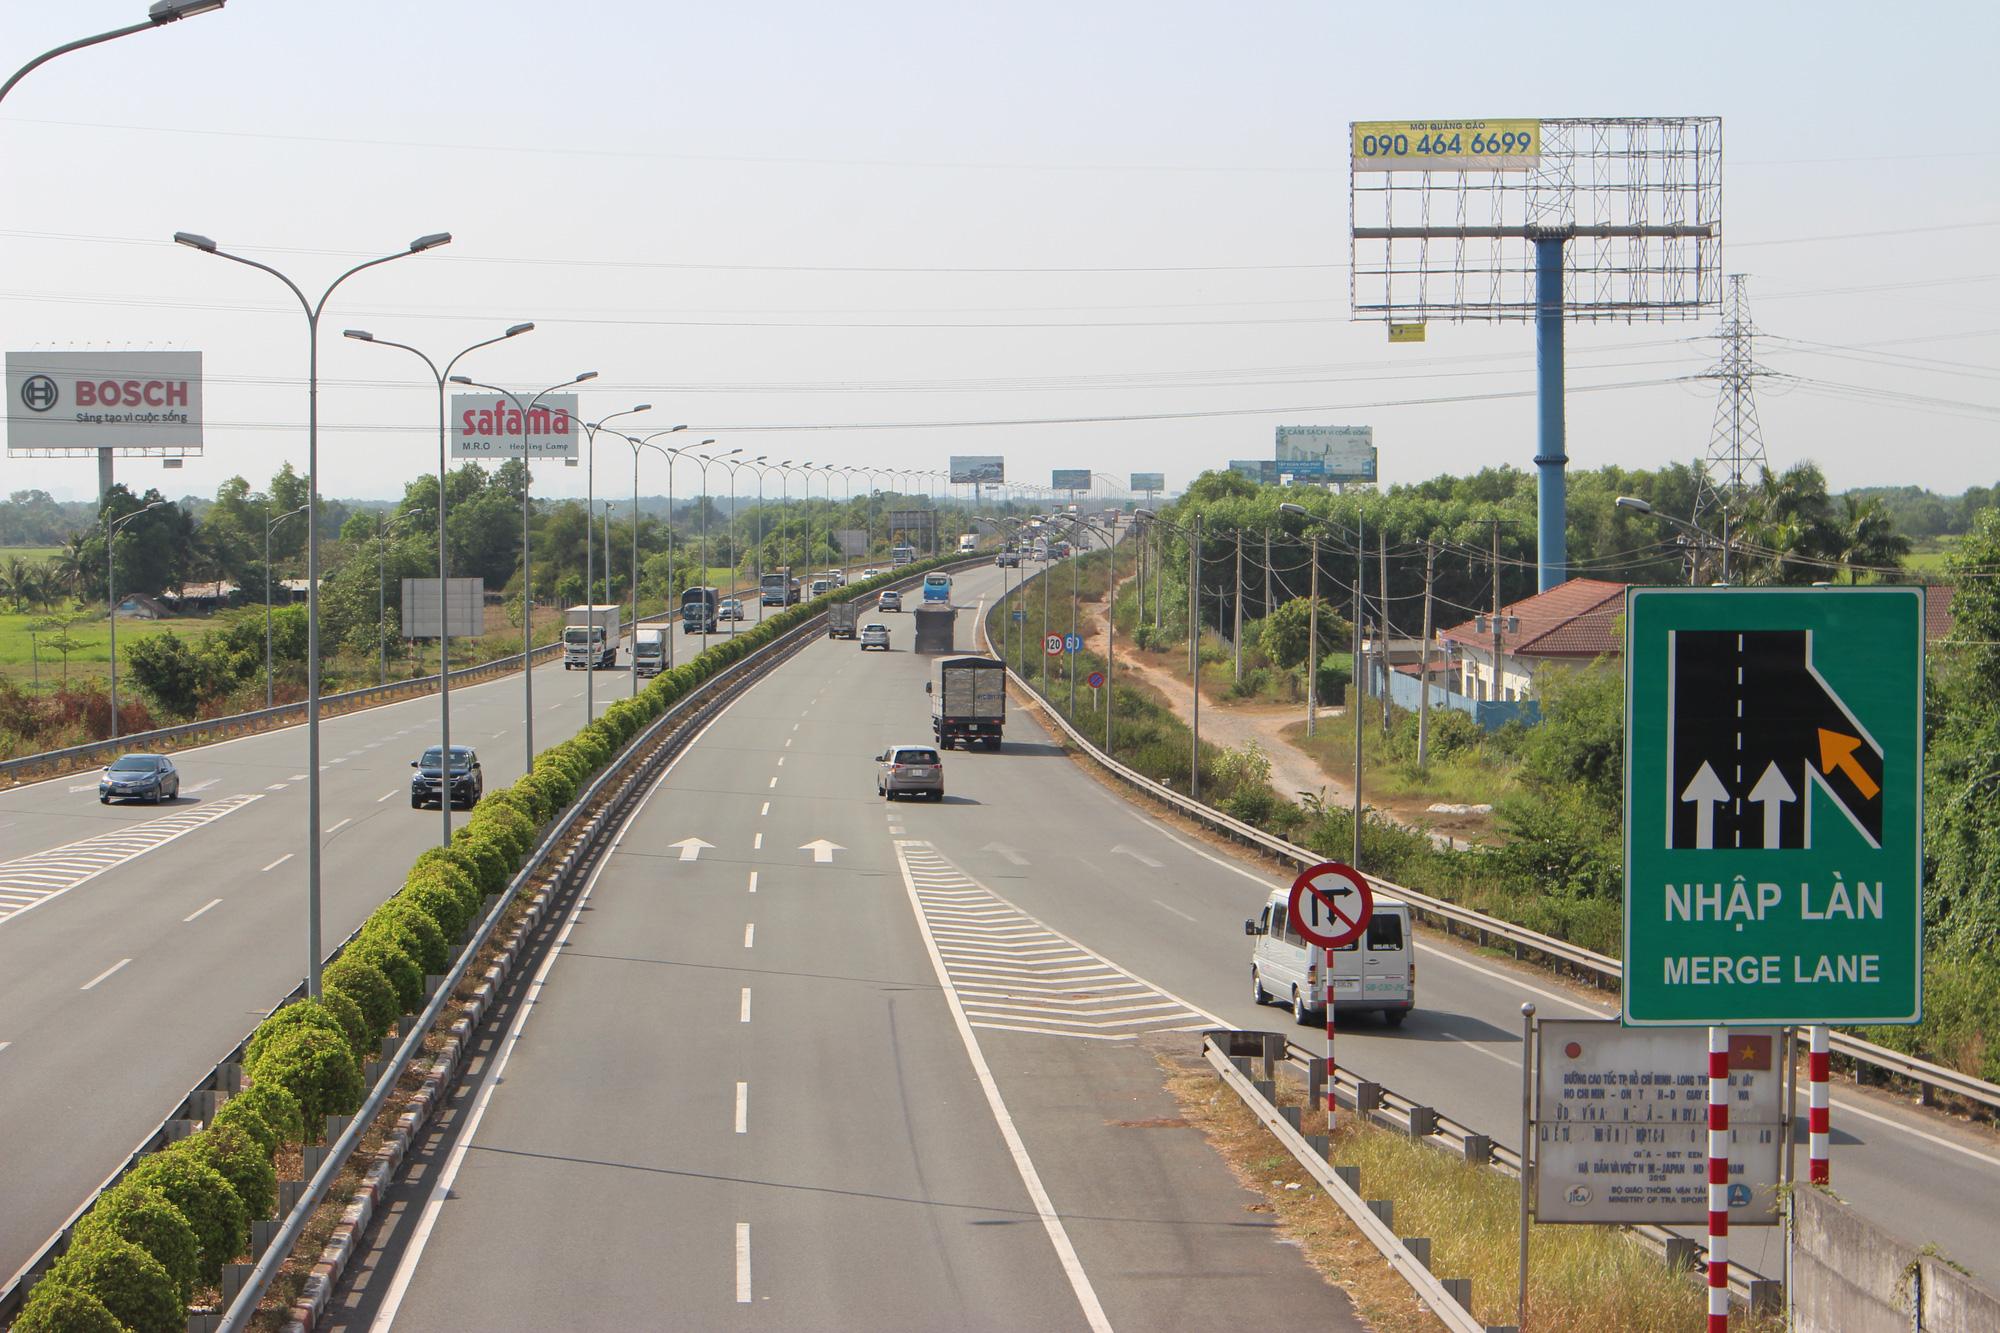 Đồng Nai ưu tiên đầu tư mạnh cho hạ tầng giao thông - Ảnh 1.